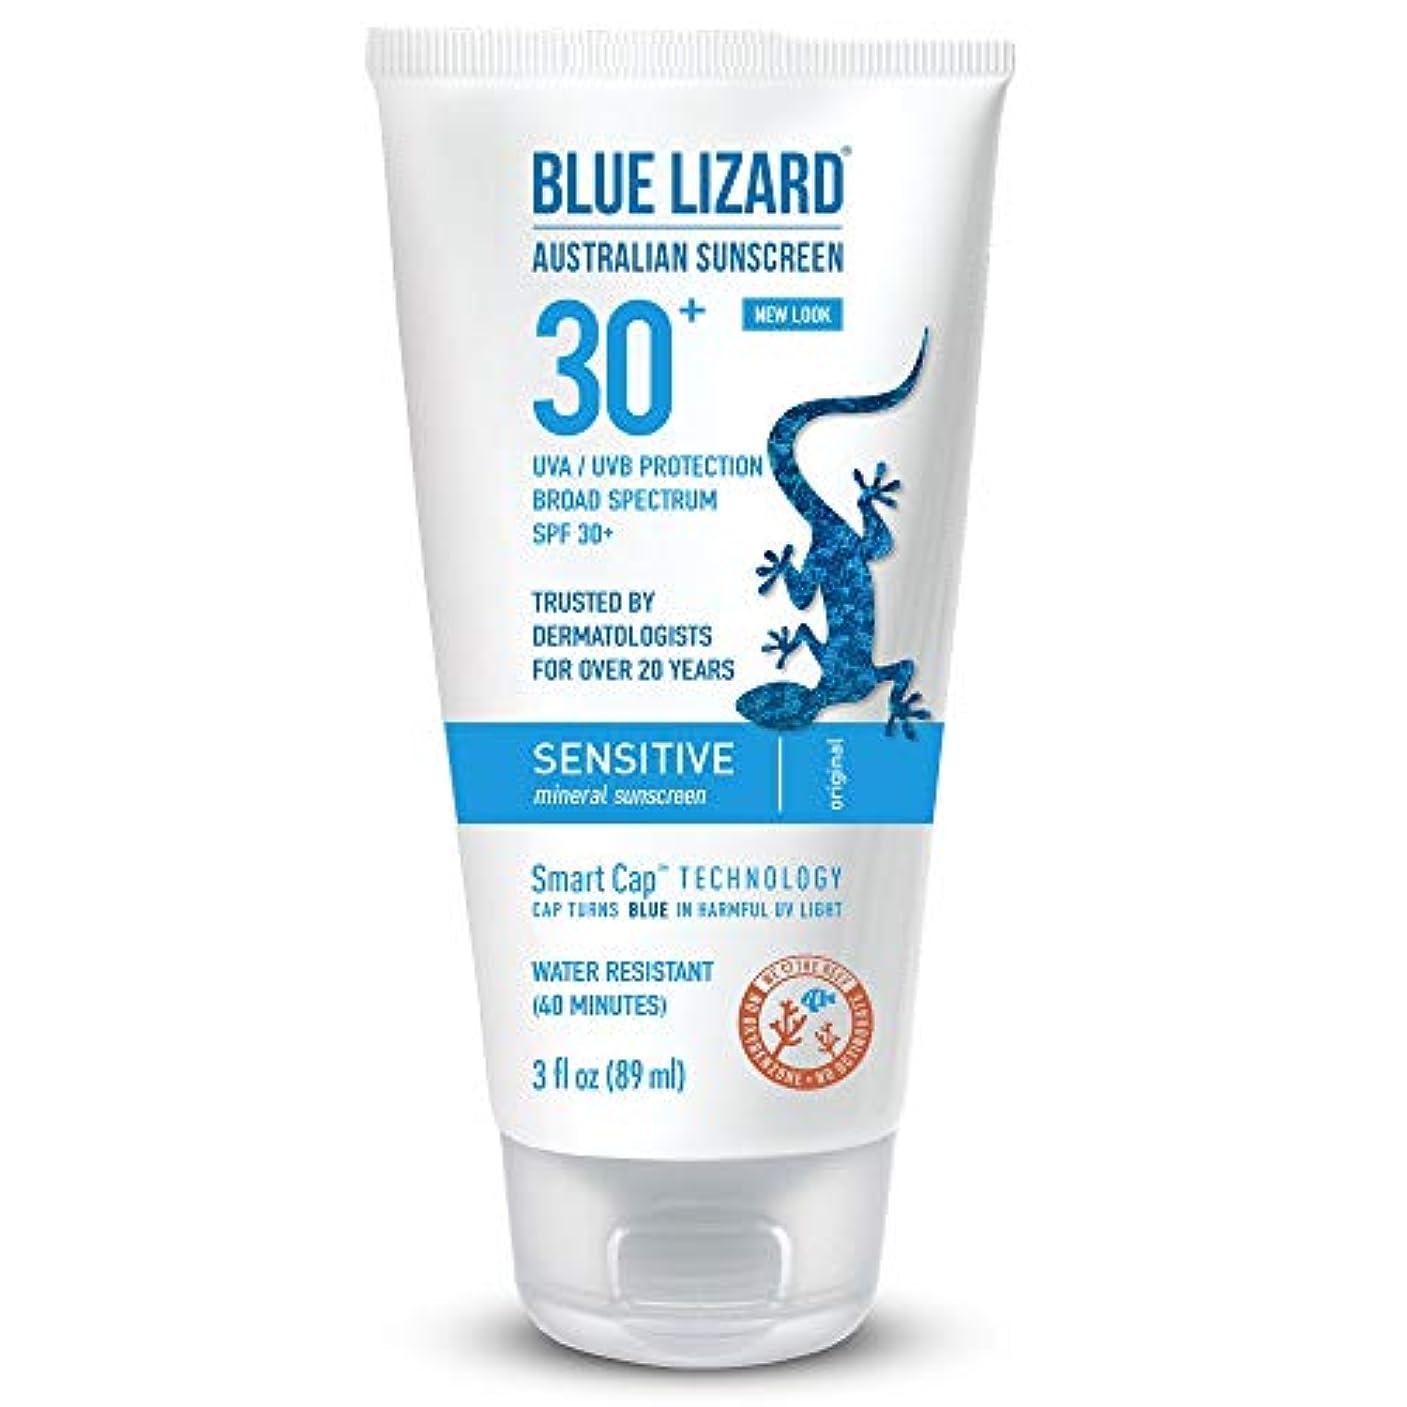 松シルク広範囲にBlue Lizard Australian Sunscreen - 敏感日焼け止めSPF 30+広域スペクトルUVA/UVB保護 - 3オズチューブ